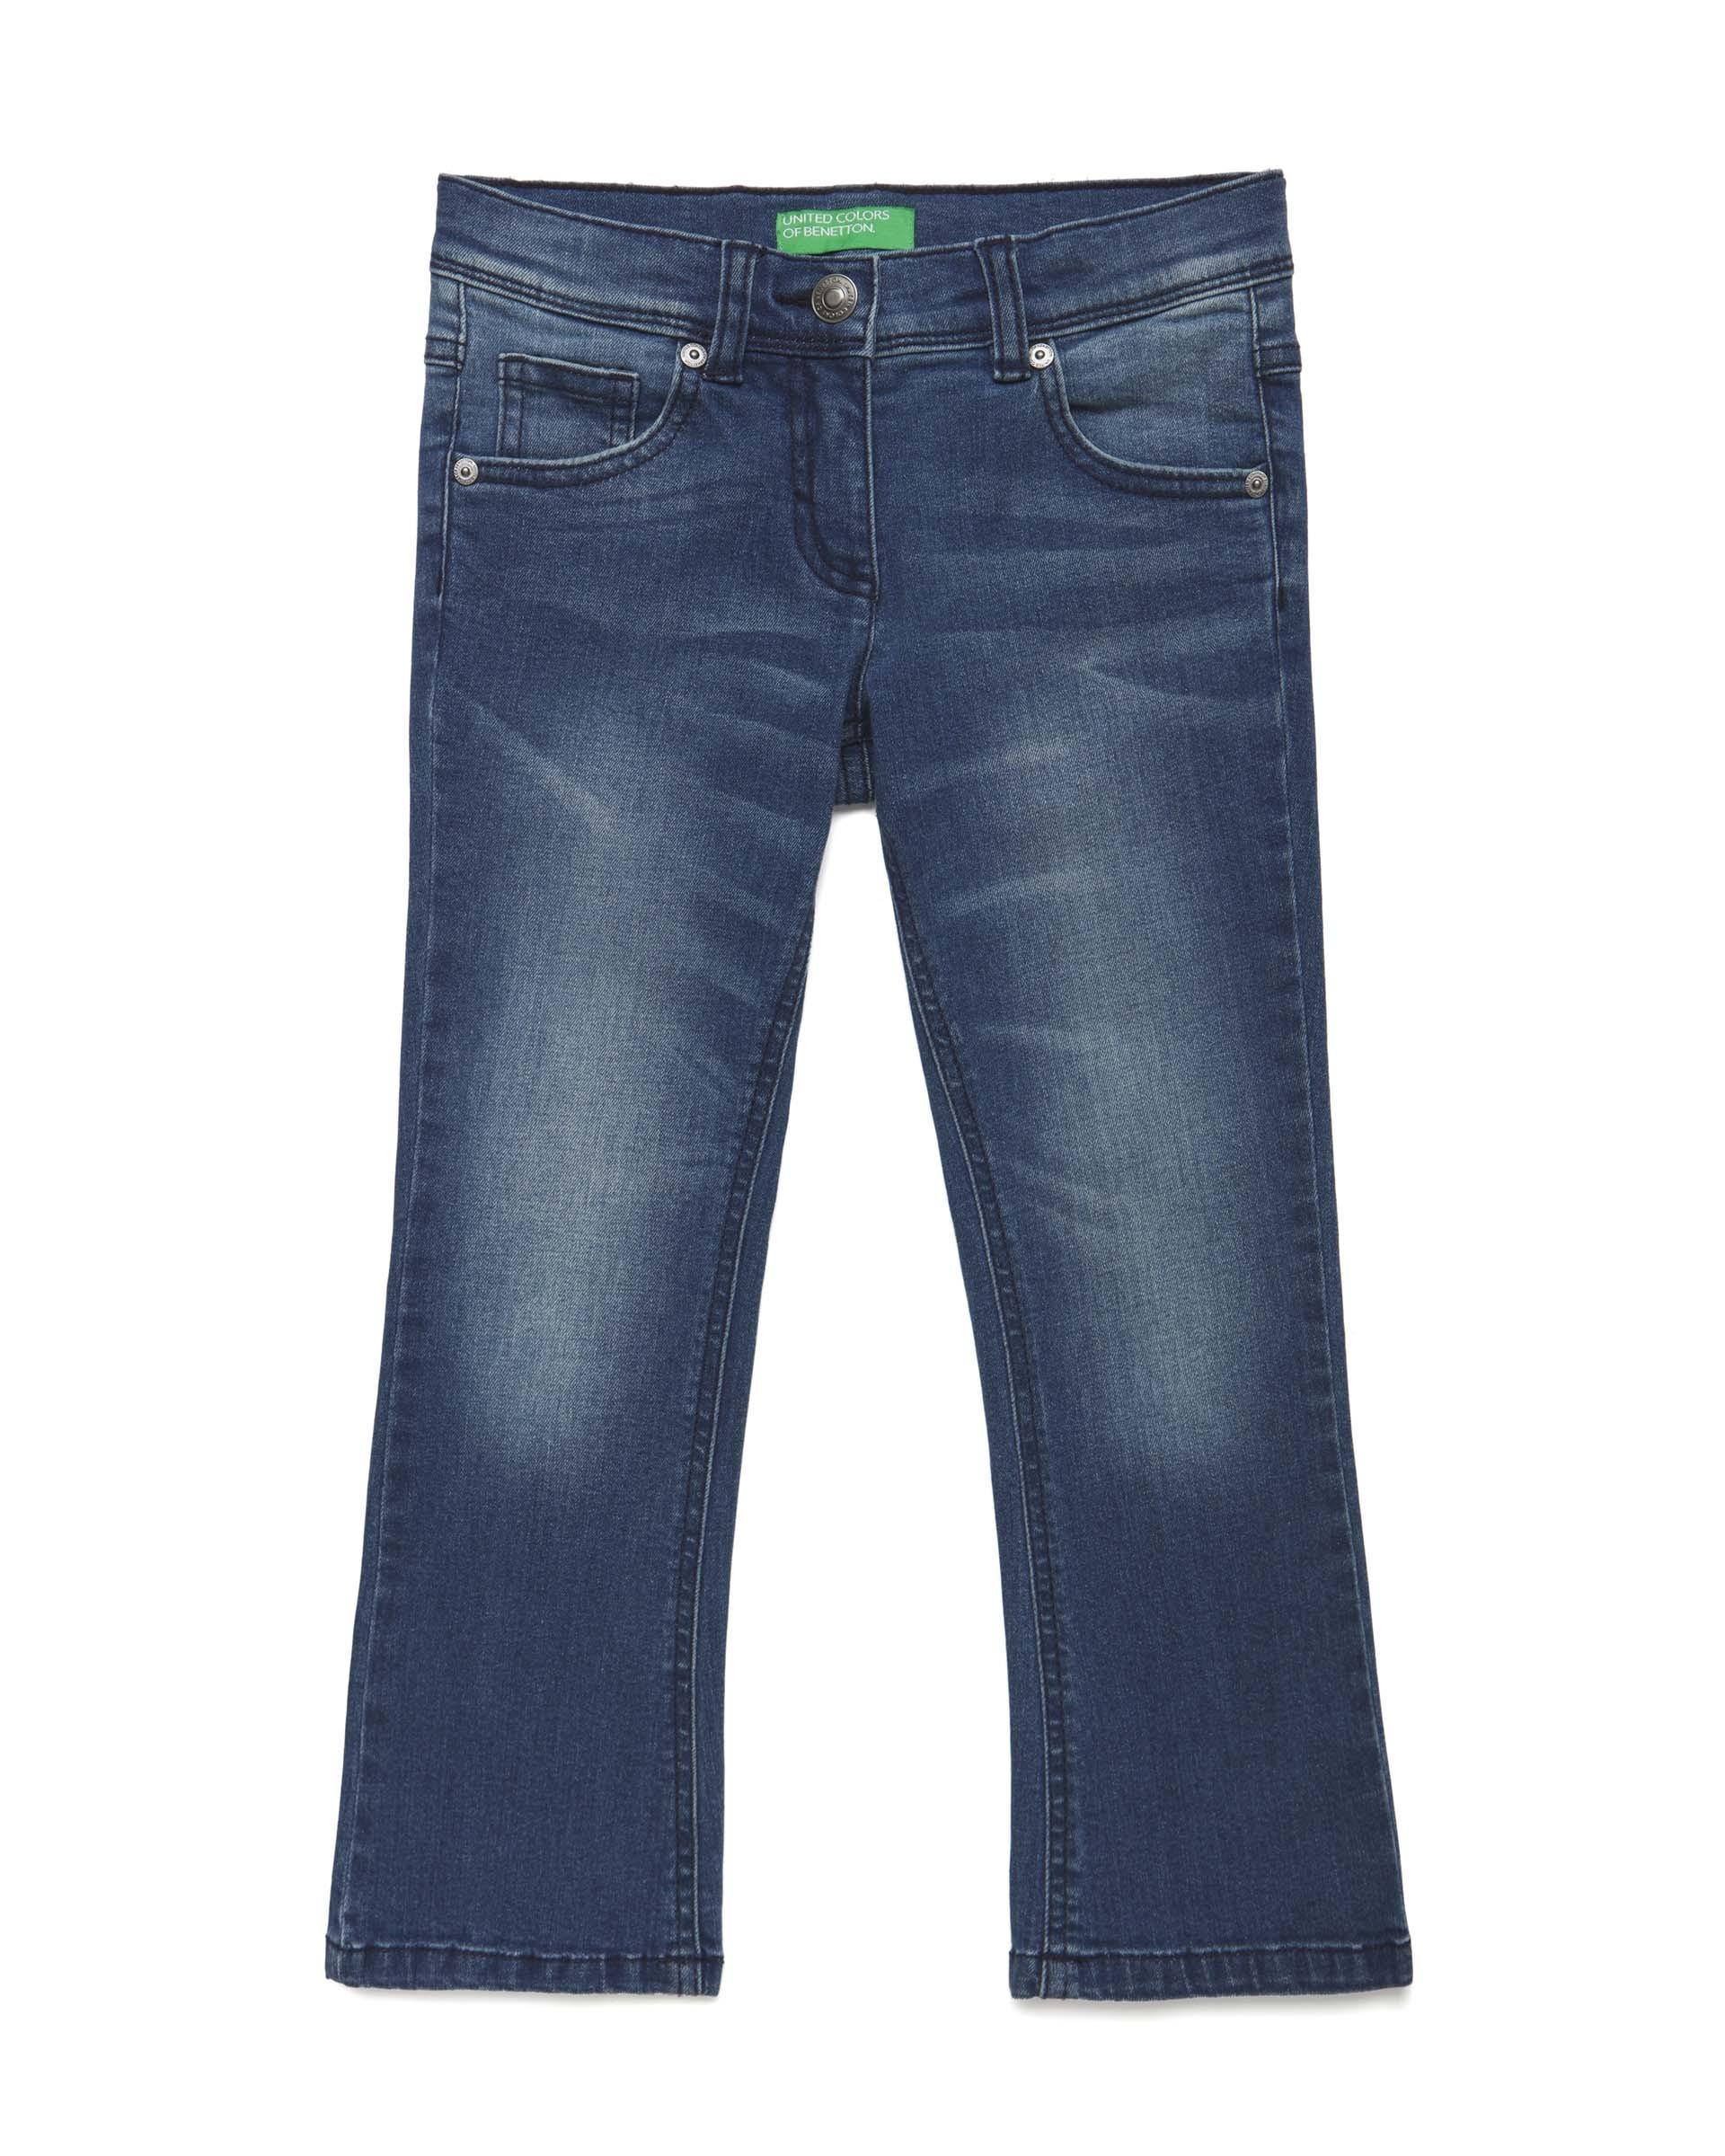 Купить 20P_4DMT57JZ0_901, Джинсы для девочек Benetton 4DMT57JZ0_901 р-р 140, United Colors of Benetton